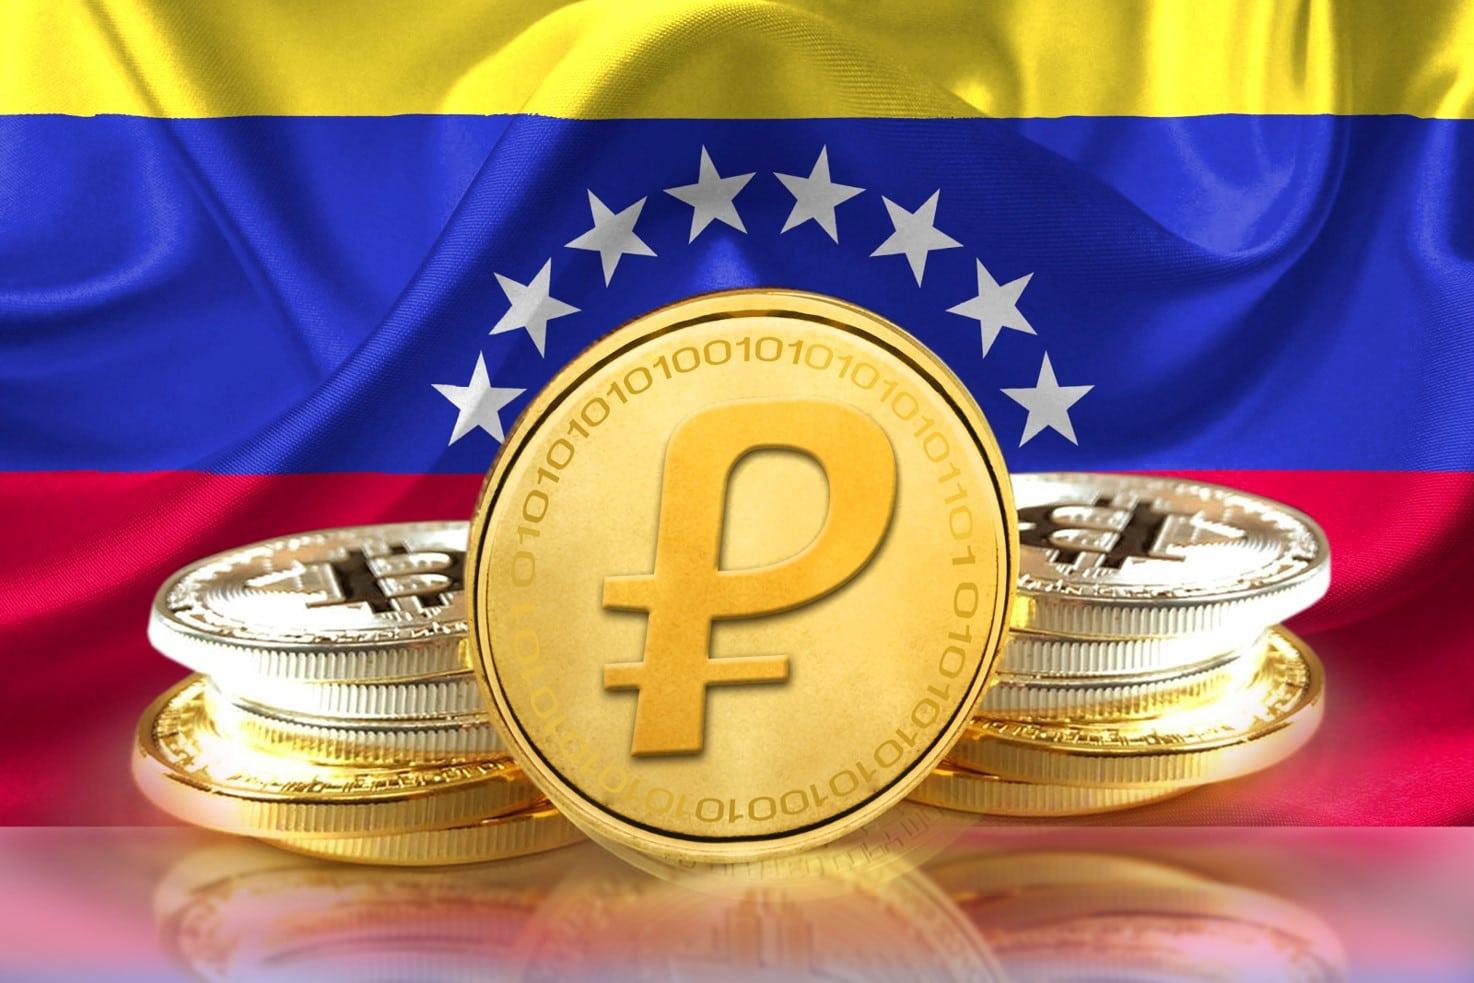 gobierno-criptomoneda-latinoamérica-criptoactivo